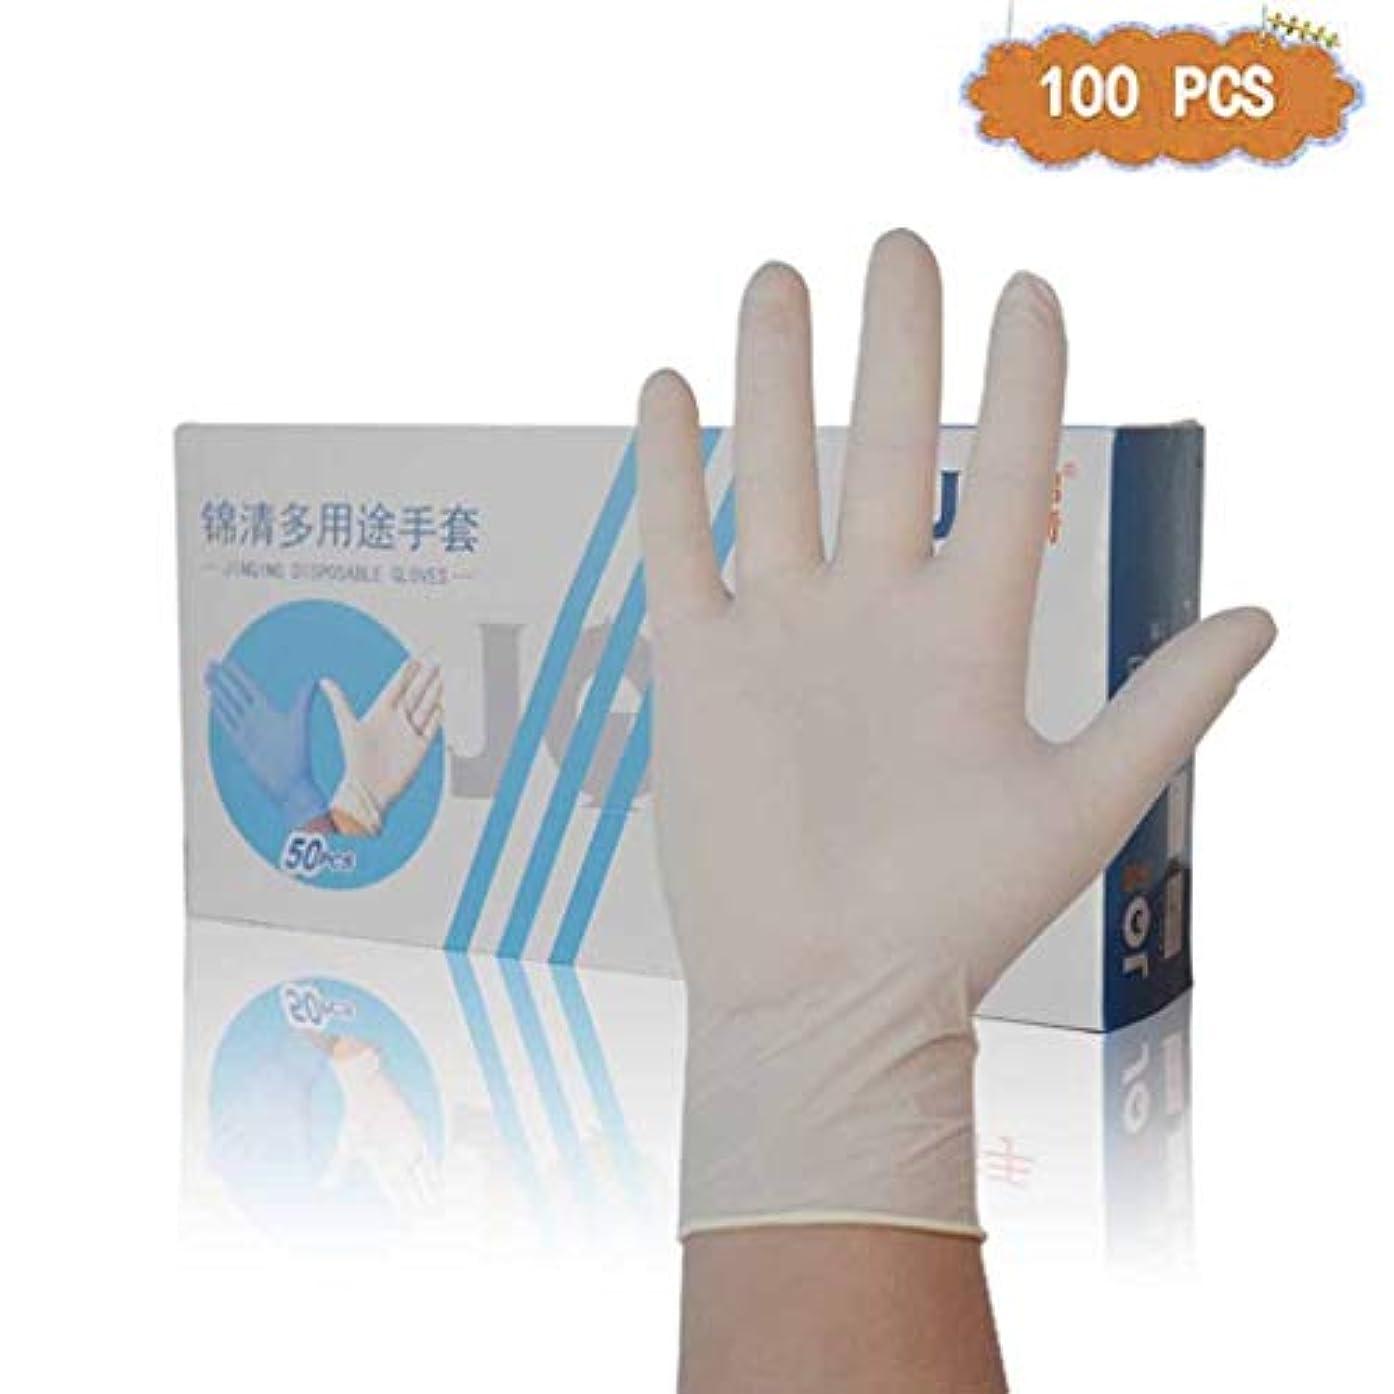 特性入口発信白いラテックス使い捨て手袋食品ケータリングニトリルゴムクリーニング帯電防止テストゴム義務試験手袋|病院向けのプロフェッショナルグレード (Size : S)